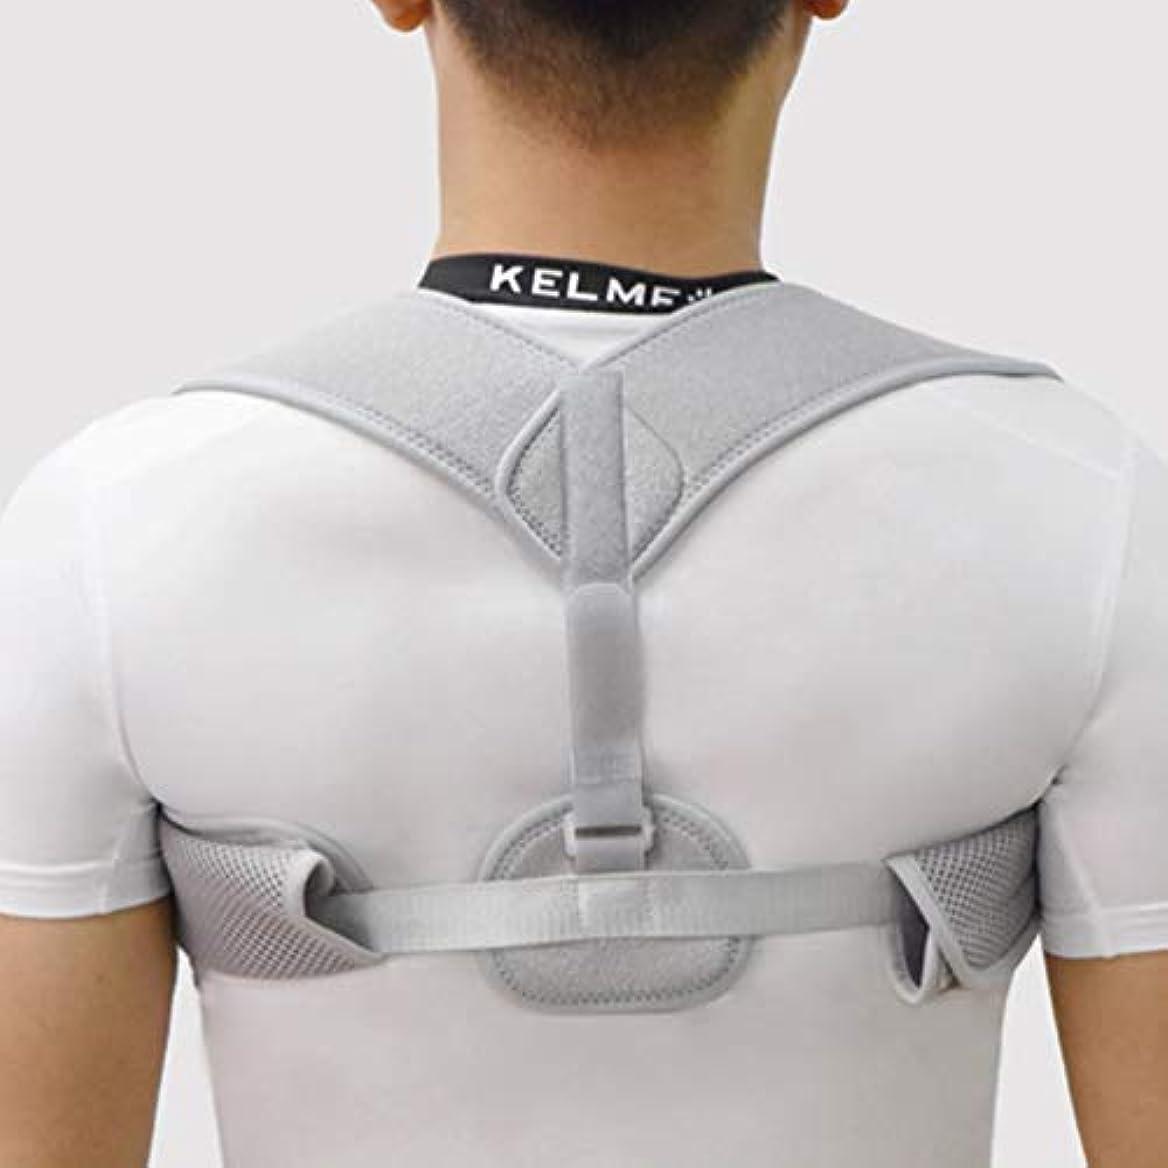 エロチック答え内陸新しいアッパーバックポスチャーコレクター姿勢鎖骨サポートコレクターバックストレート肩ブレースストラップコレクター耐久性 - グレー